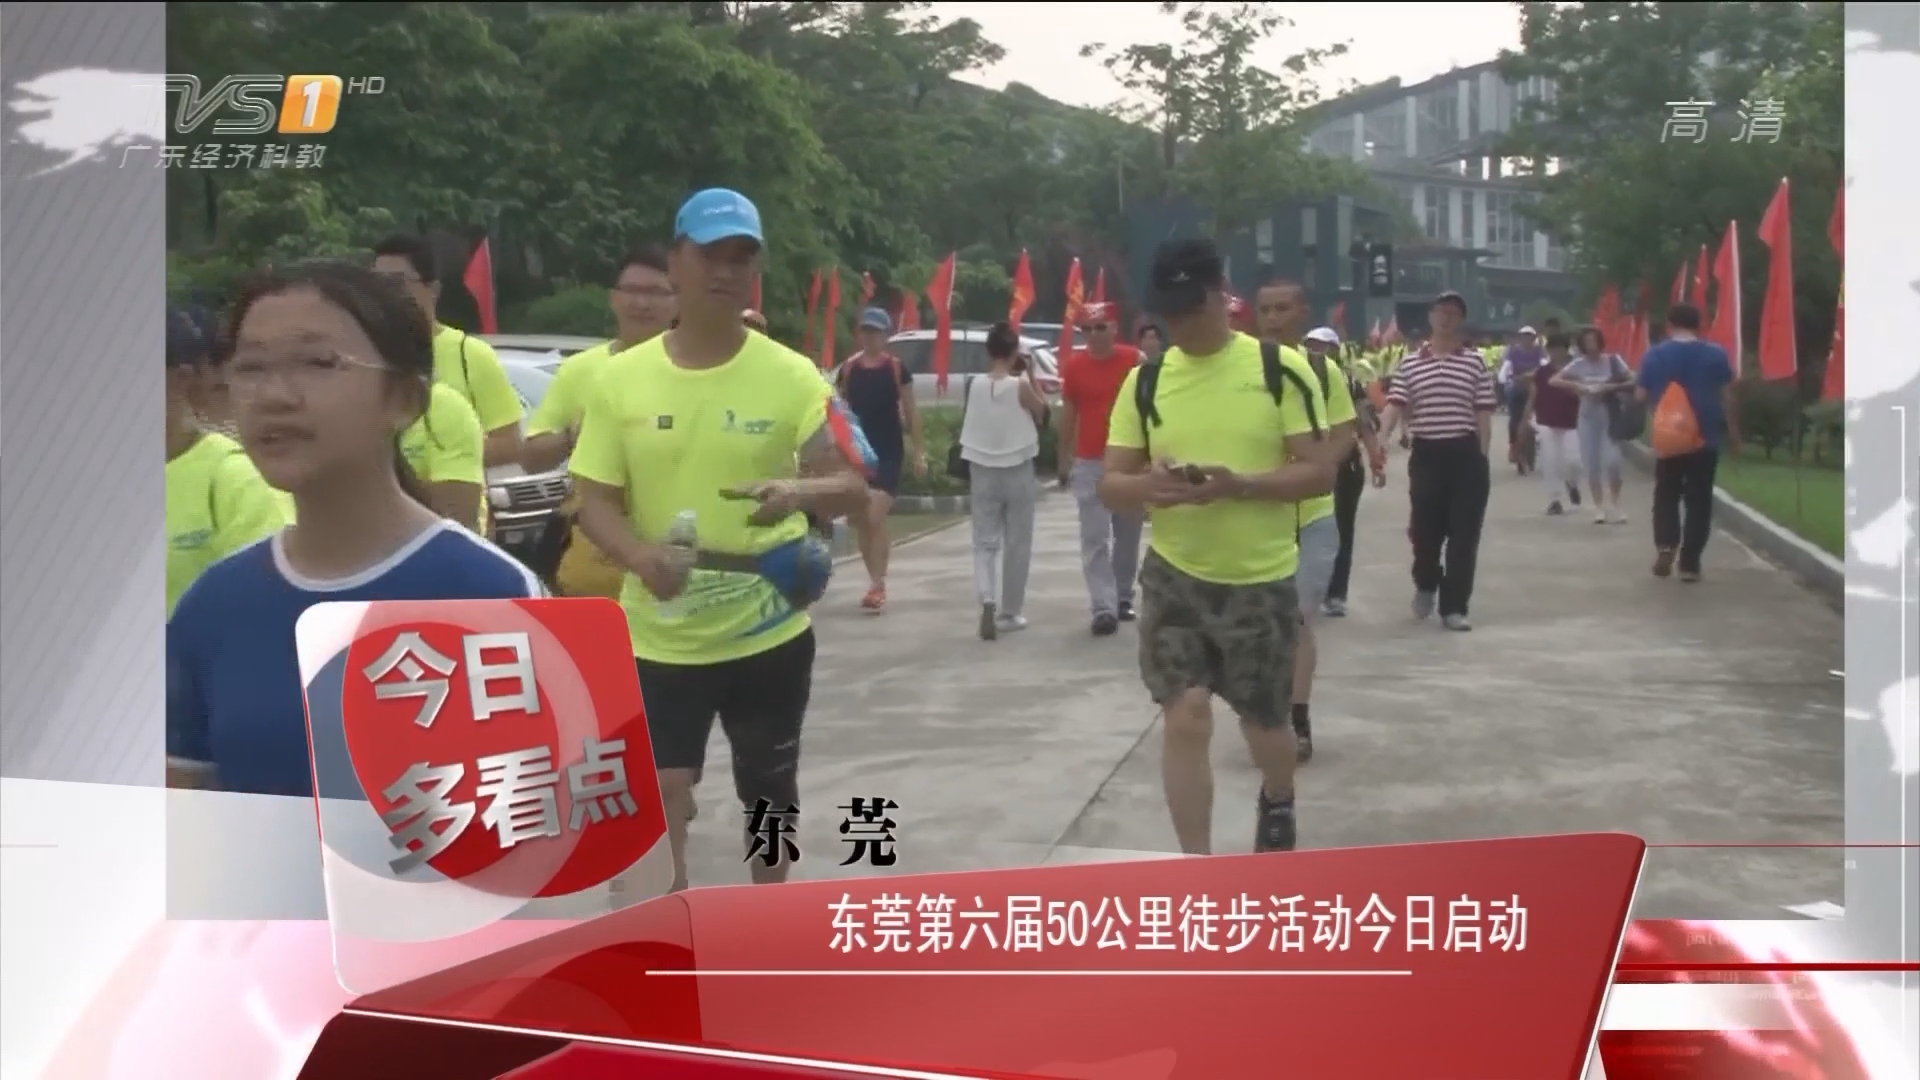 东莞:东莞第六届50公里徒步活动今日启动